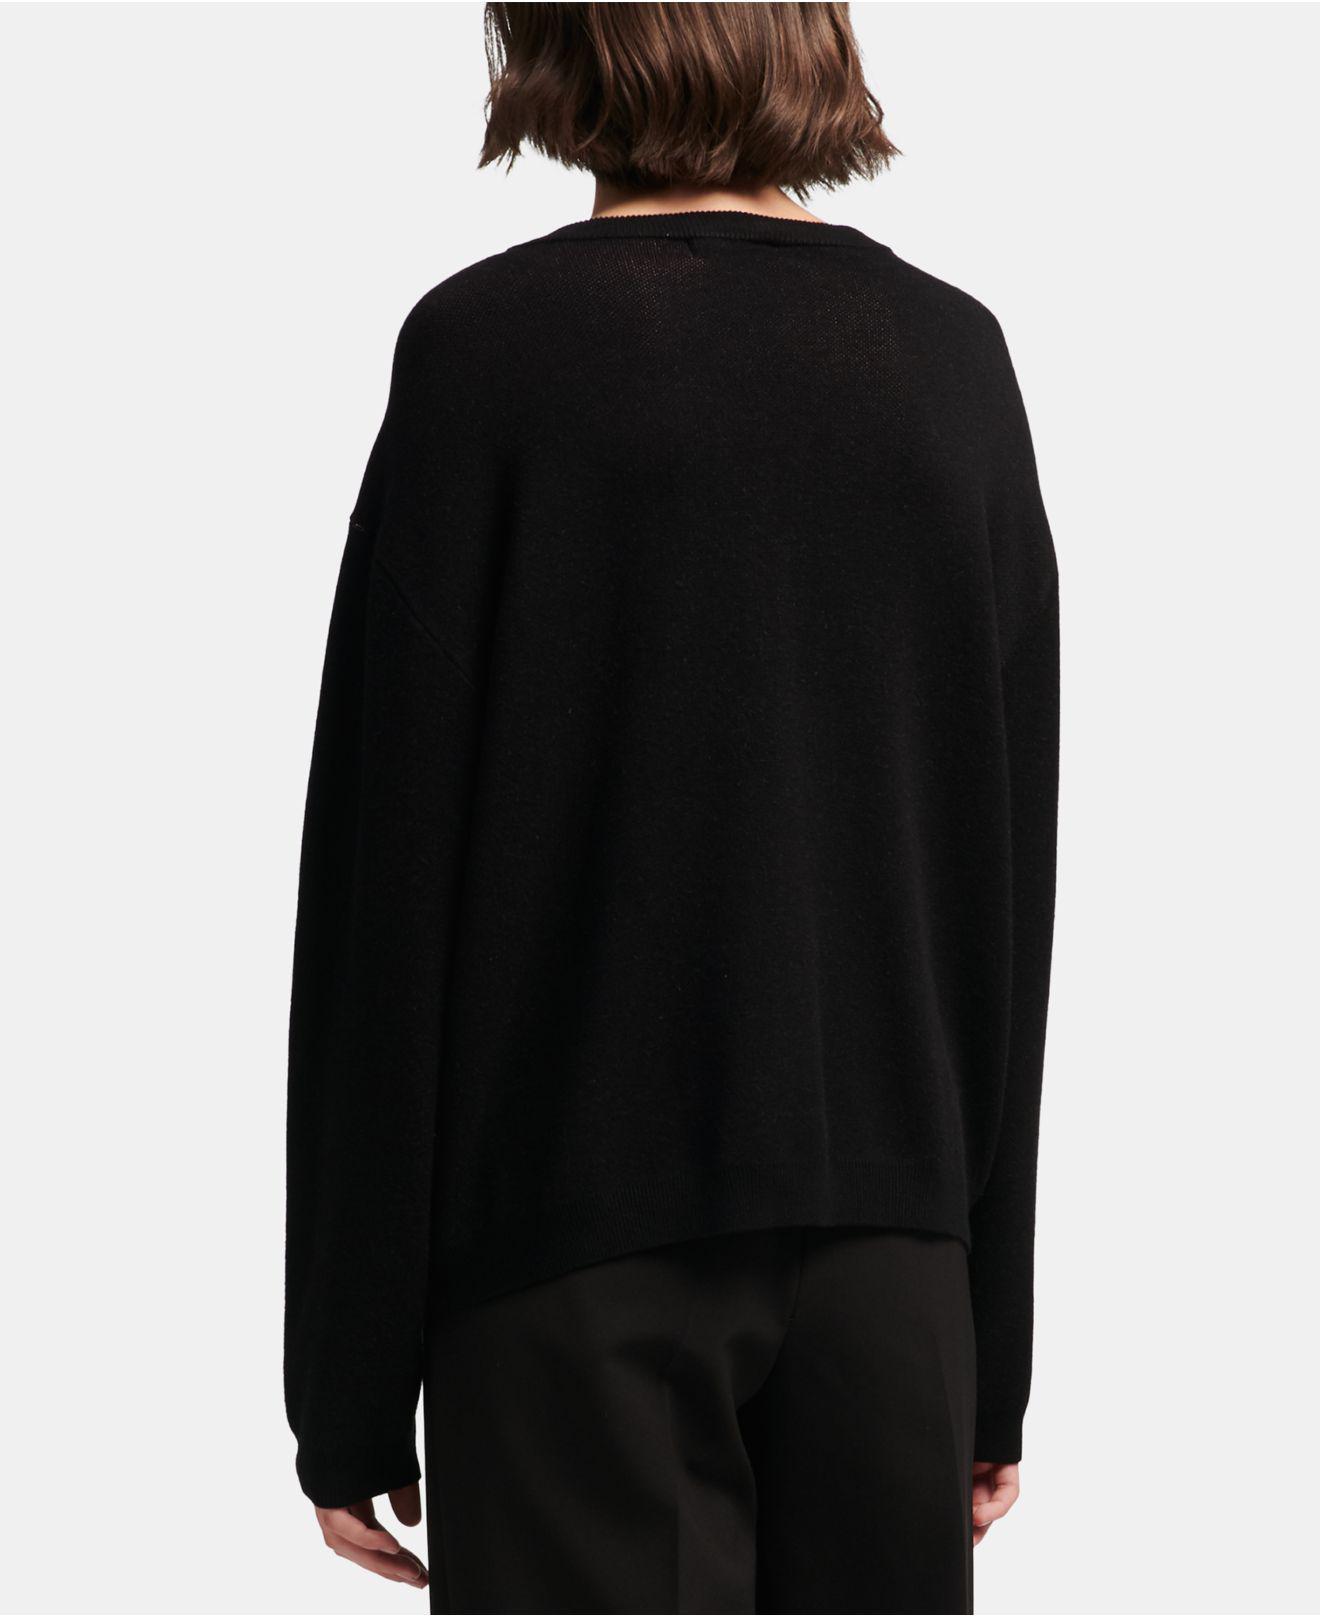 4f68b0f16e Lyst - Dkny Printed Crewneck Sweater